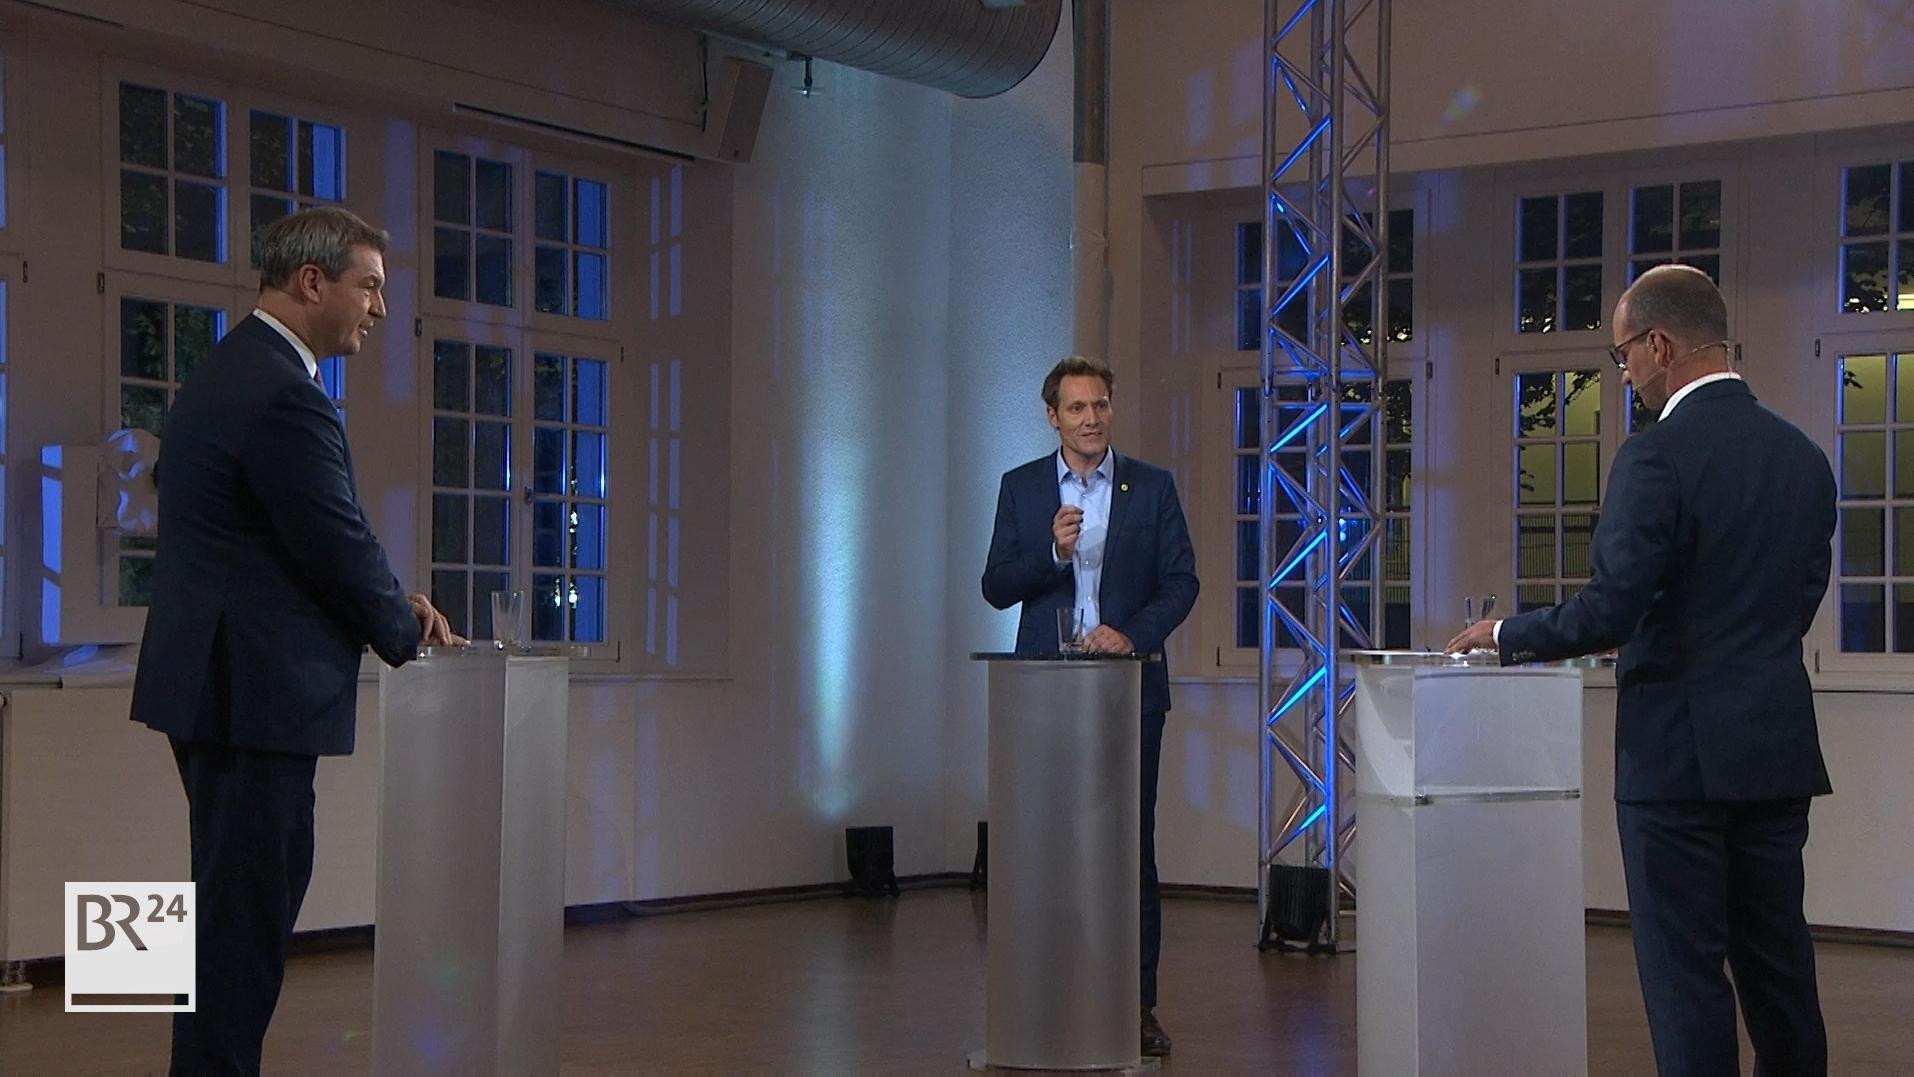 Die Spitzenkandidaten von CSU und Grünen, Markus Söder und Ludwig Hartmann, lieferten sich beim TV-Duell im BR Fernsehen eine kontroverse Debatte